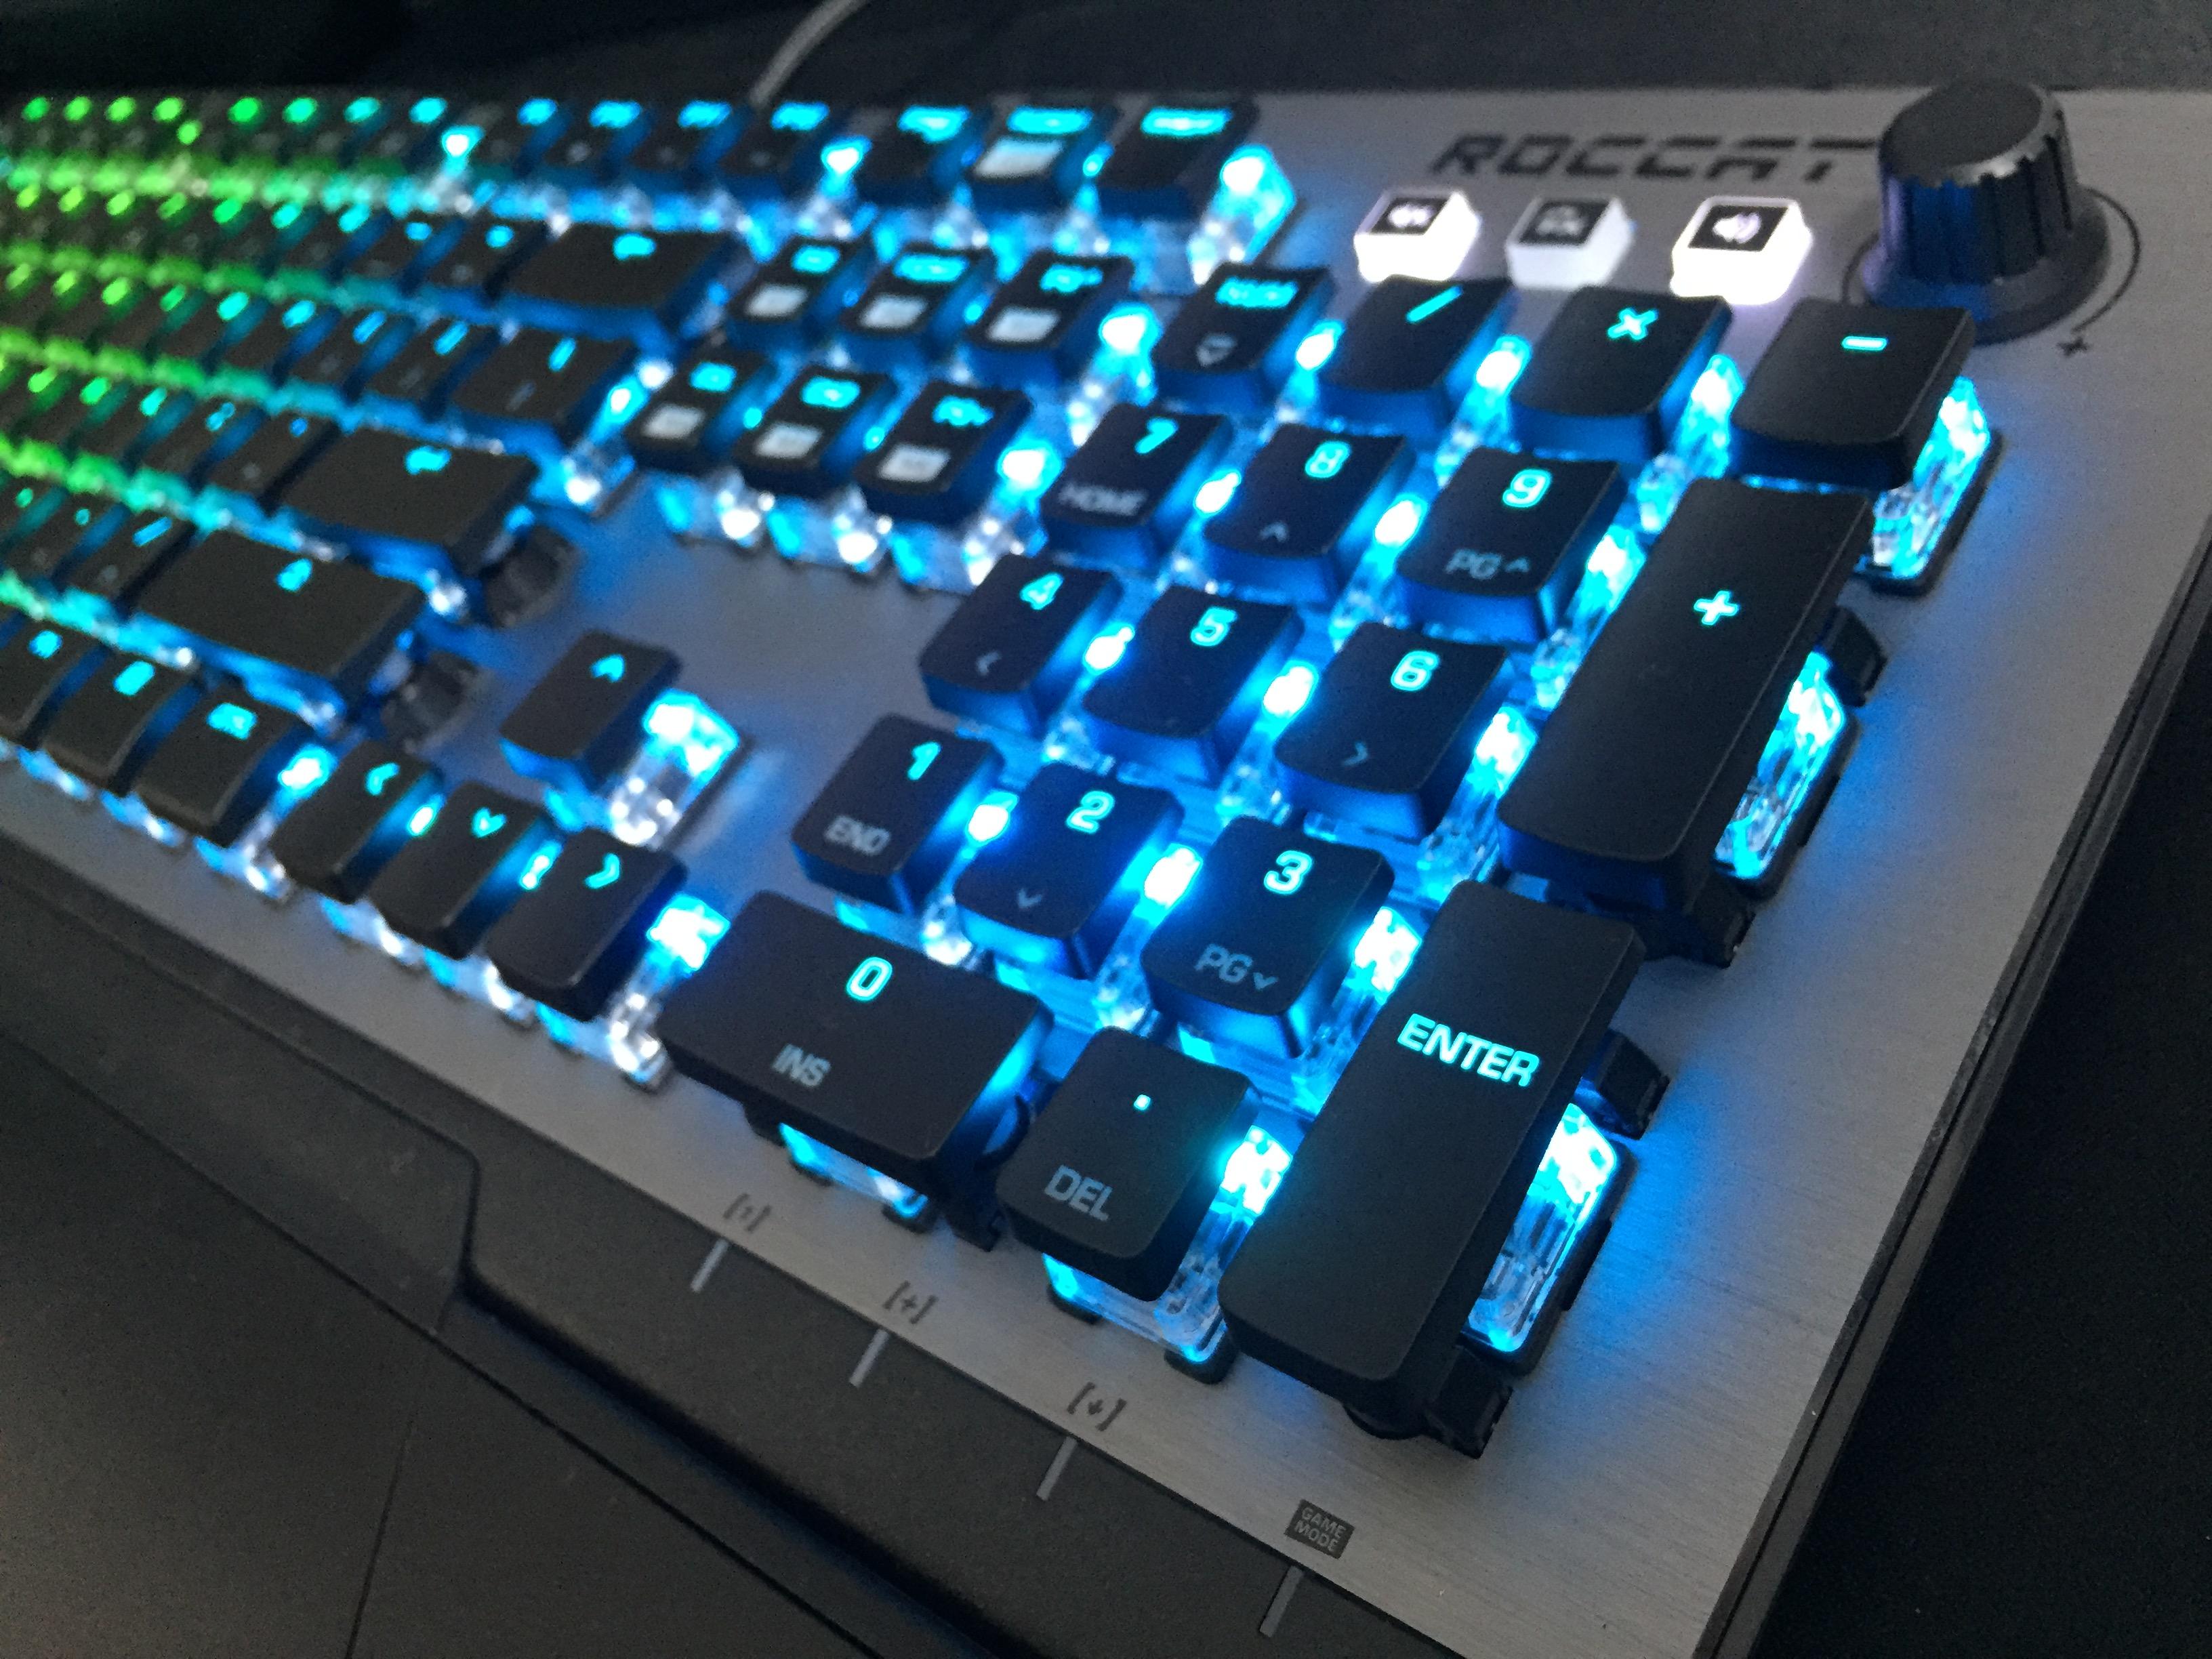 ASUS、USB Type-Cにより幅広い機器へ接続可能なハイレゾ対応ゲーミングヘッドセット「ASUS ROG Delta」発表。12月7日(金)より国内取り扱い開始